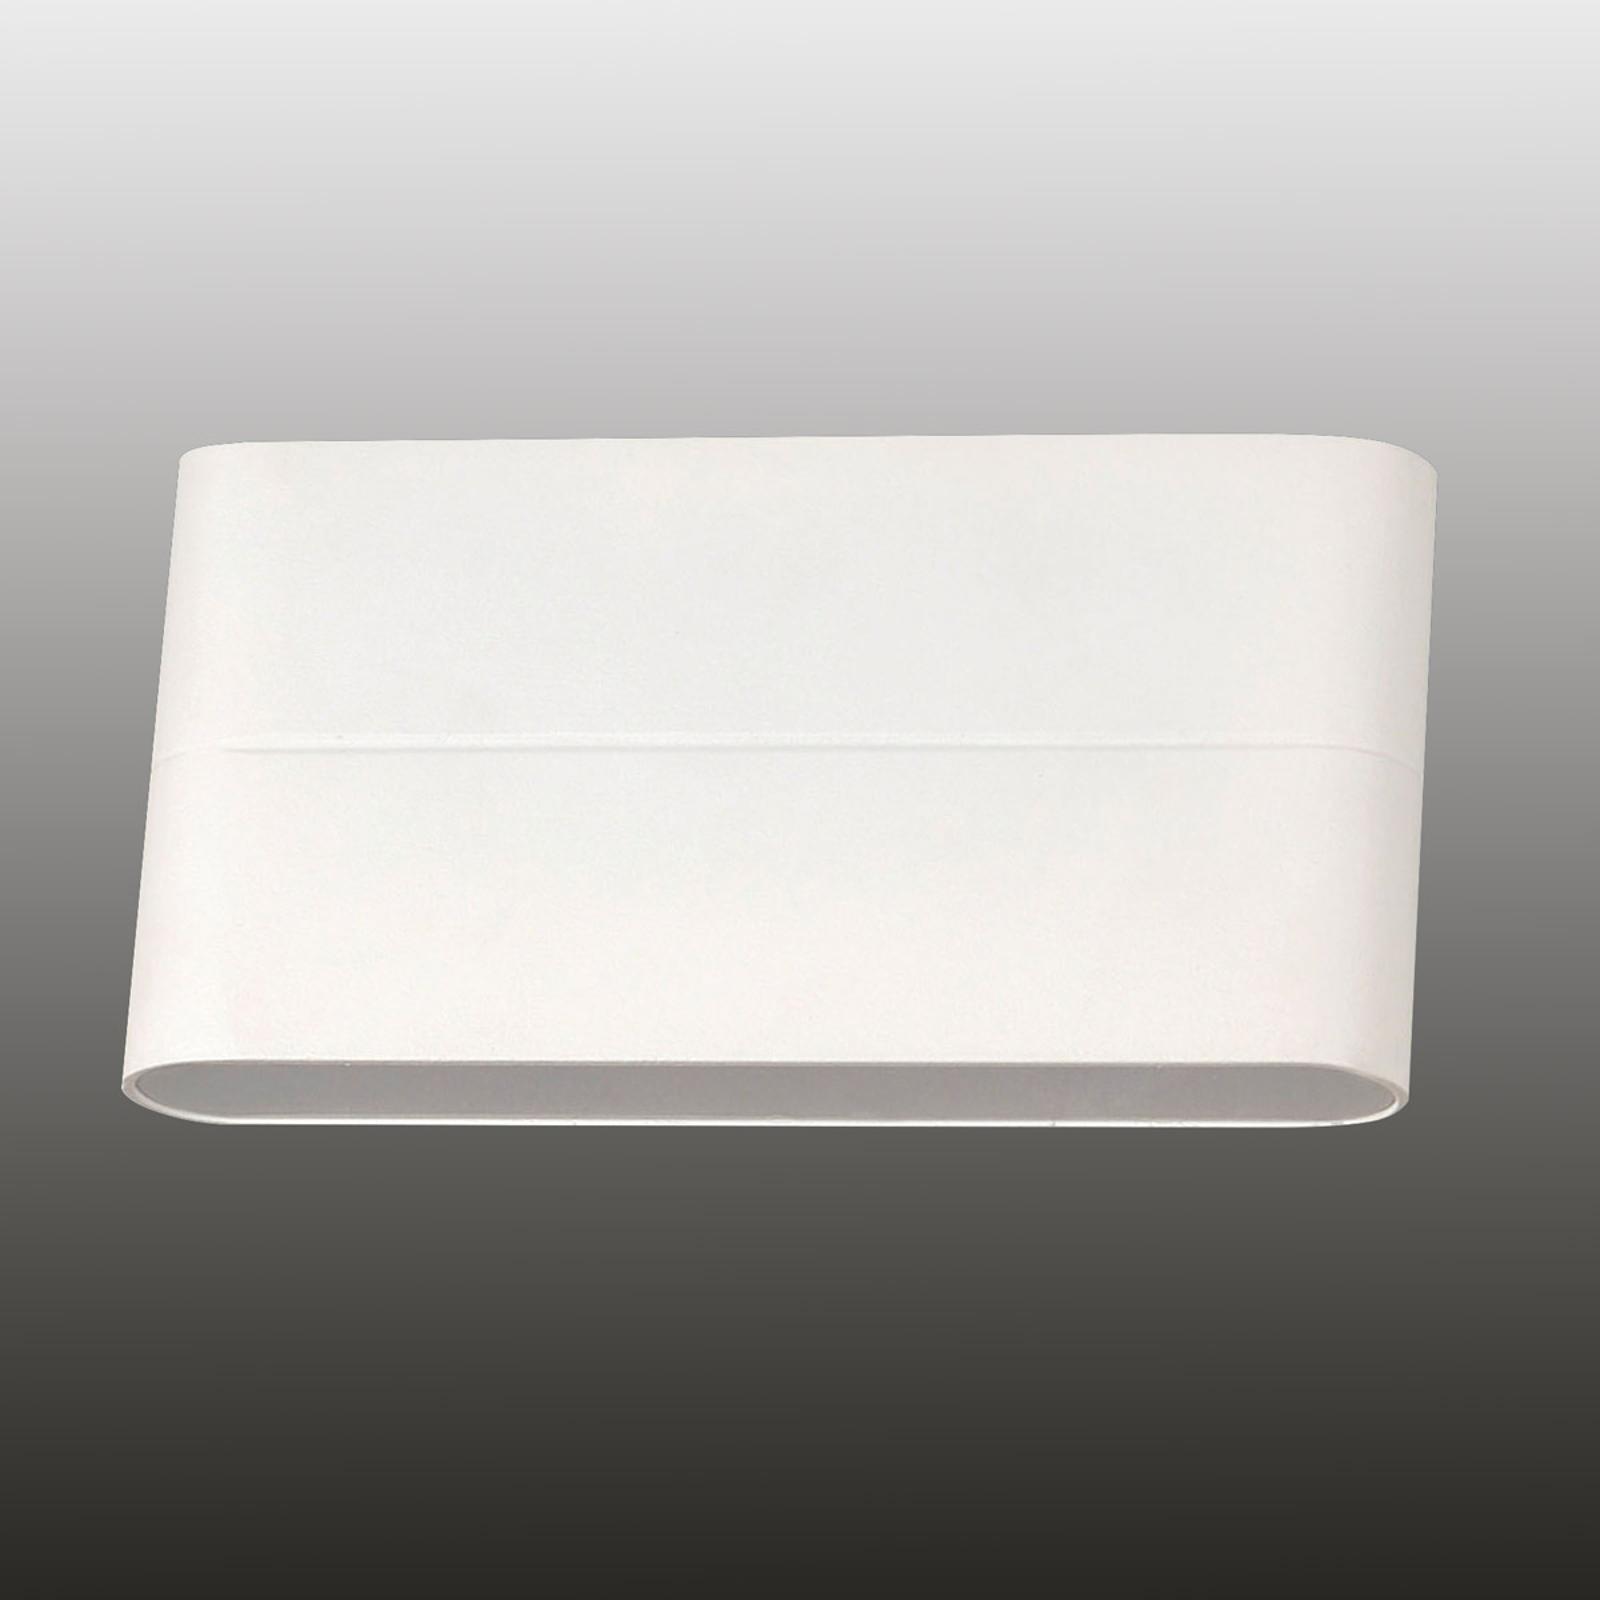 Casper - white LED wall light for outdoor use_3502518_1